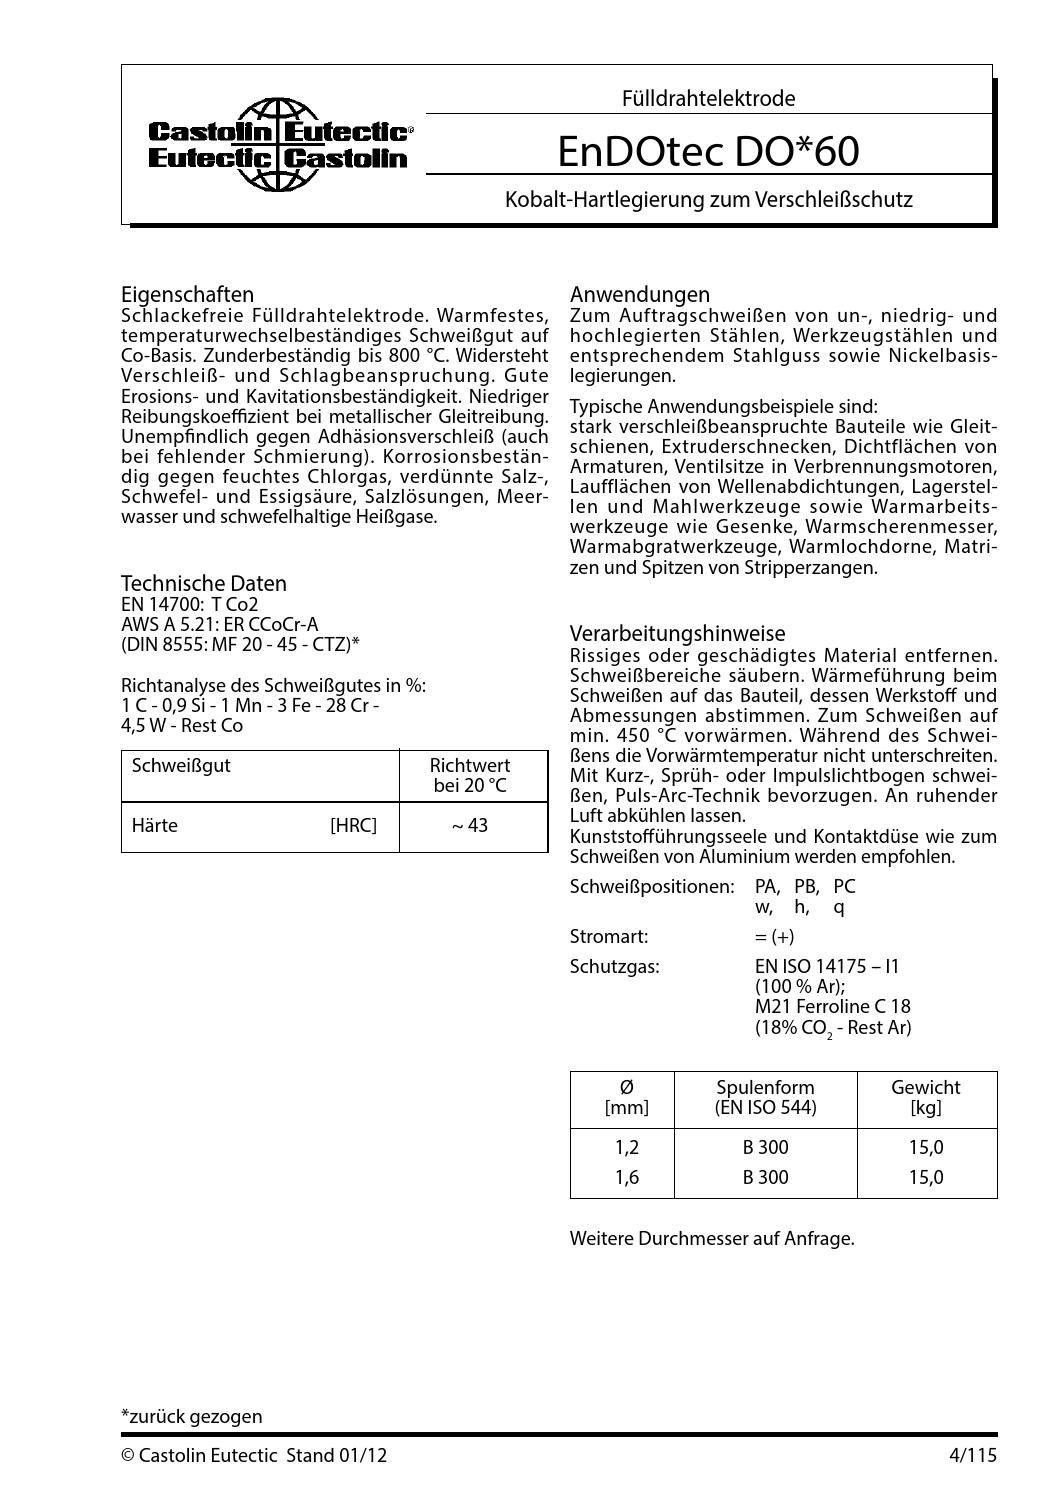 castolin endotec 60 elektroden schweissen zusatzwerkstoffe by castolin eutectic issuu. Black Bedroom Furniture Sets. Home Design Ideas